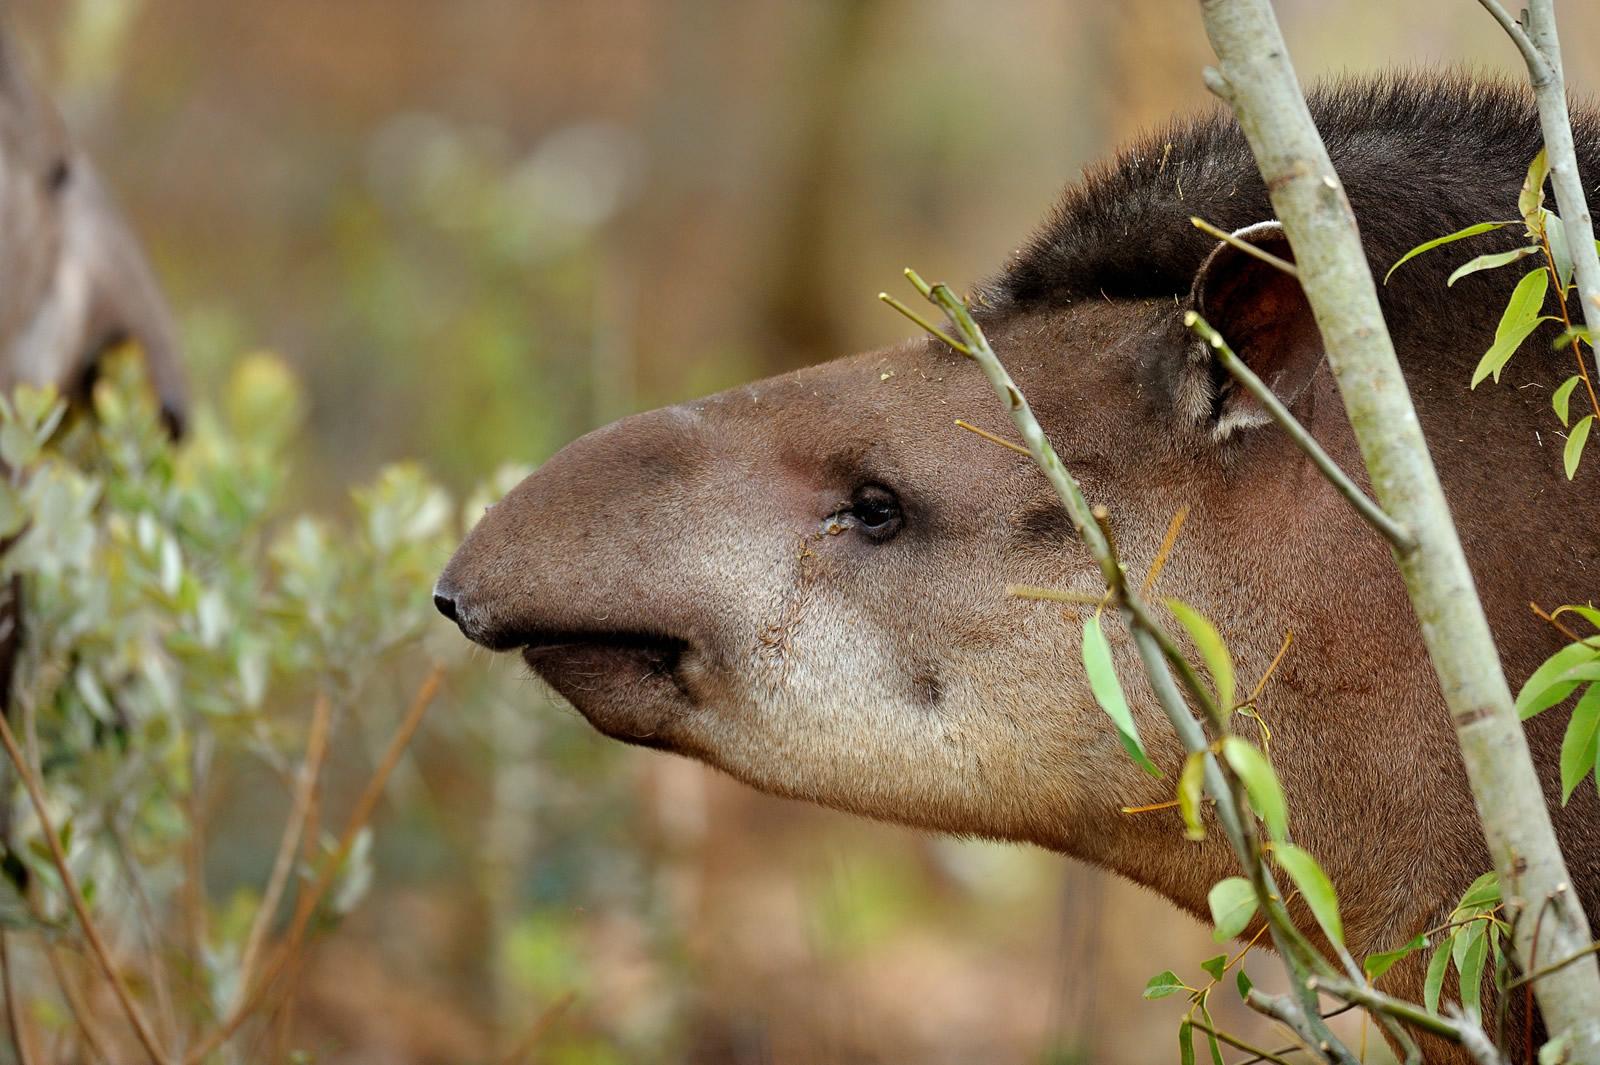 The tapir | Parc Zoologique de Paris